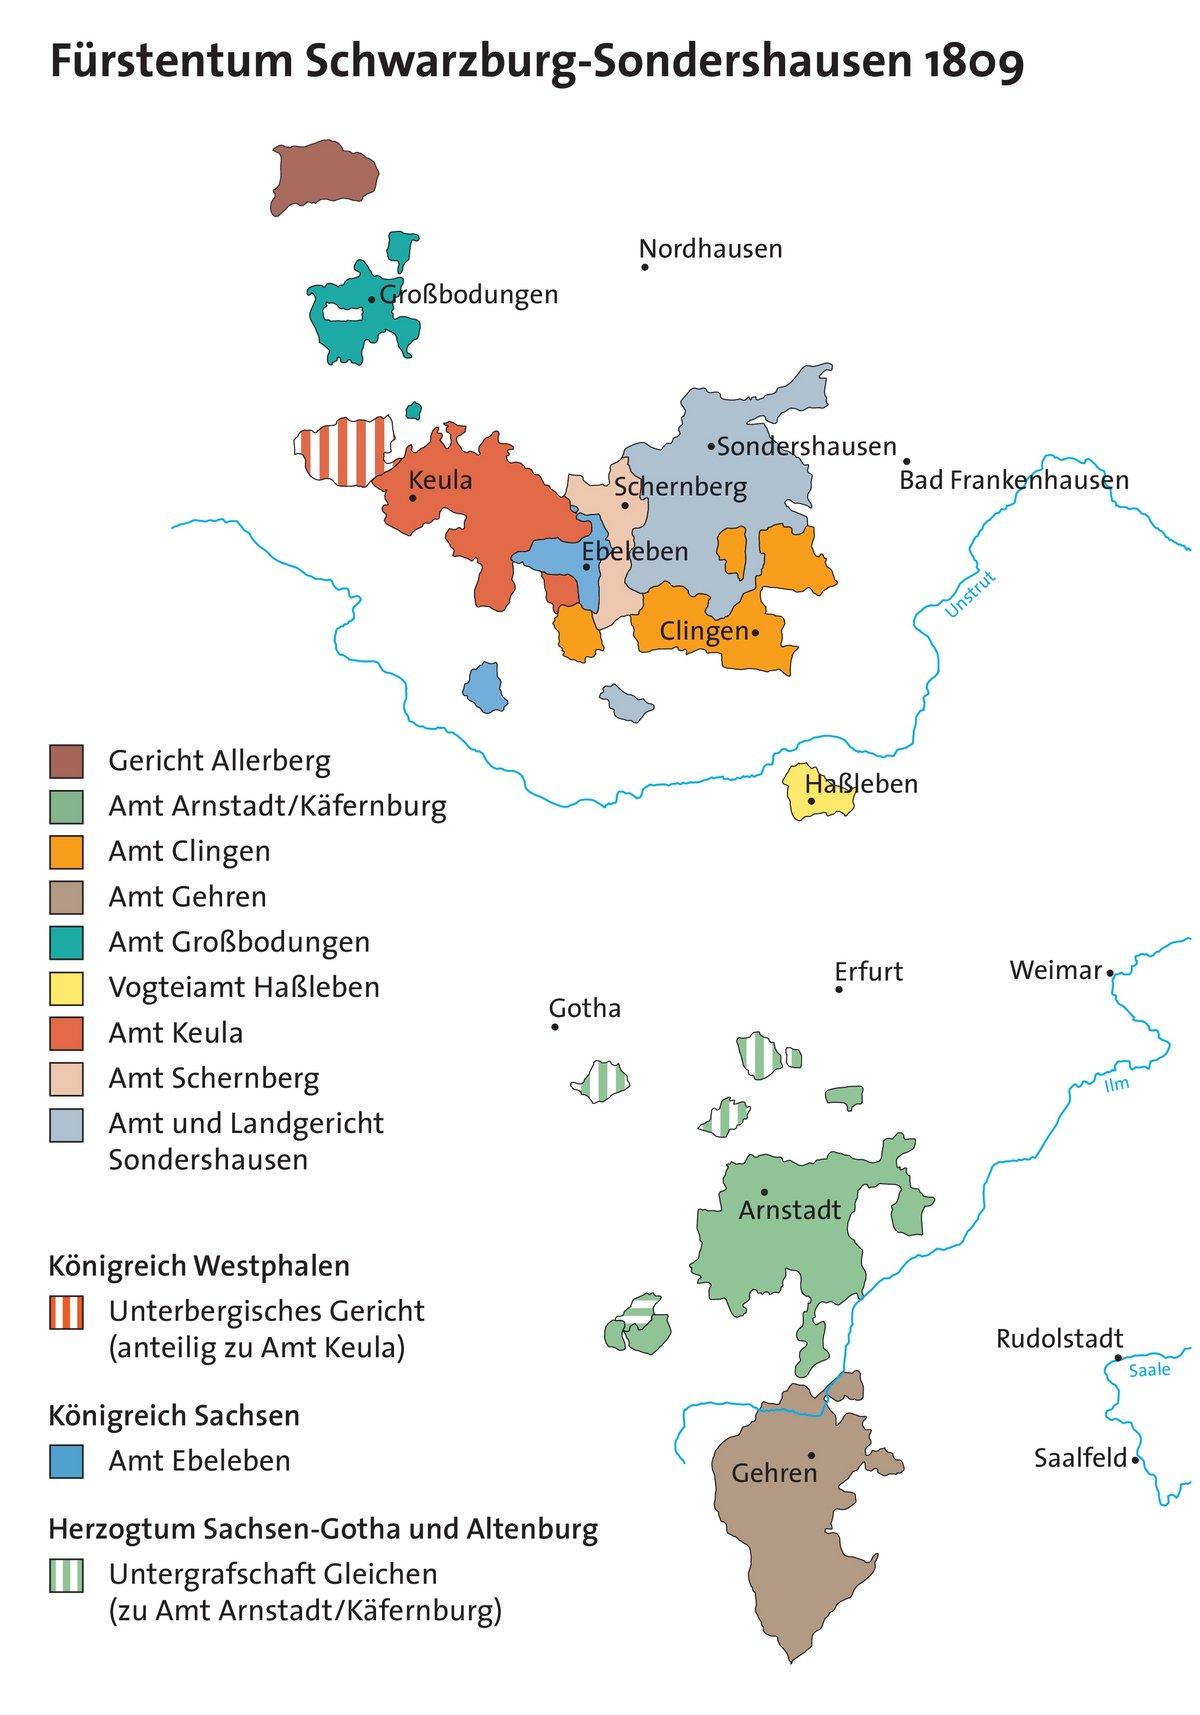 Farbige Darstellung aller zum Fürstentum Schwarzburg-Sondershausen im Jahr 1809 gehörigen Ämter.